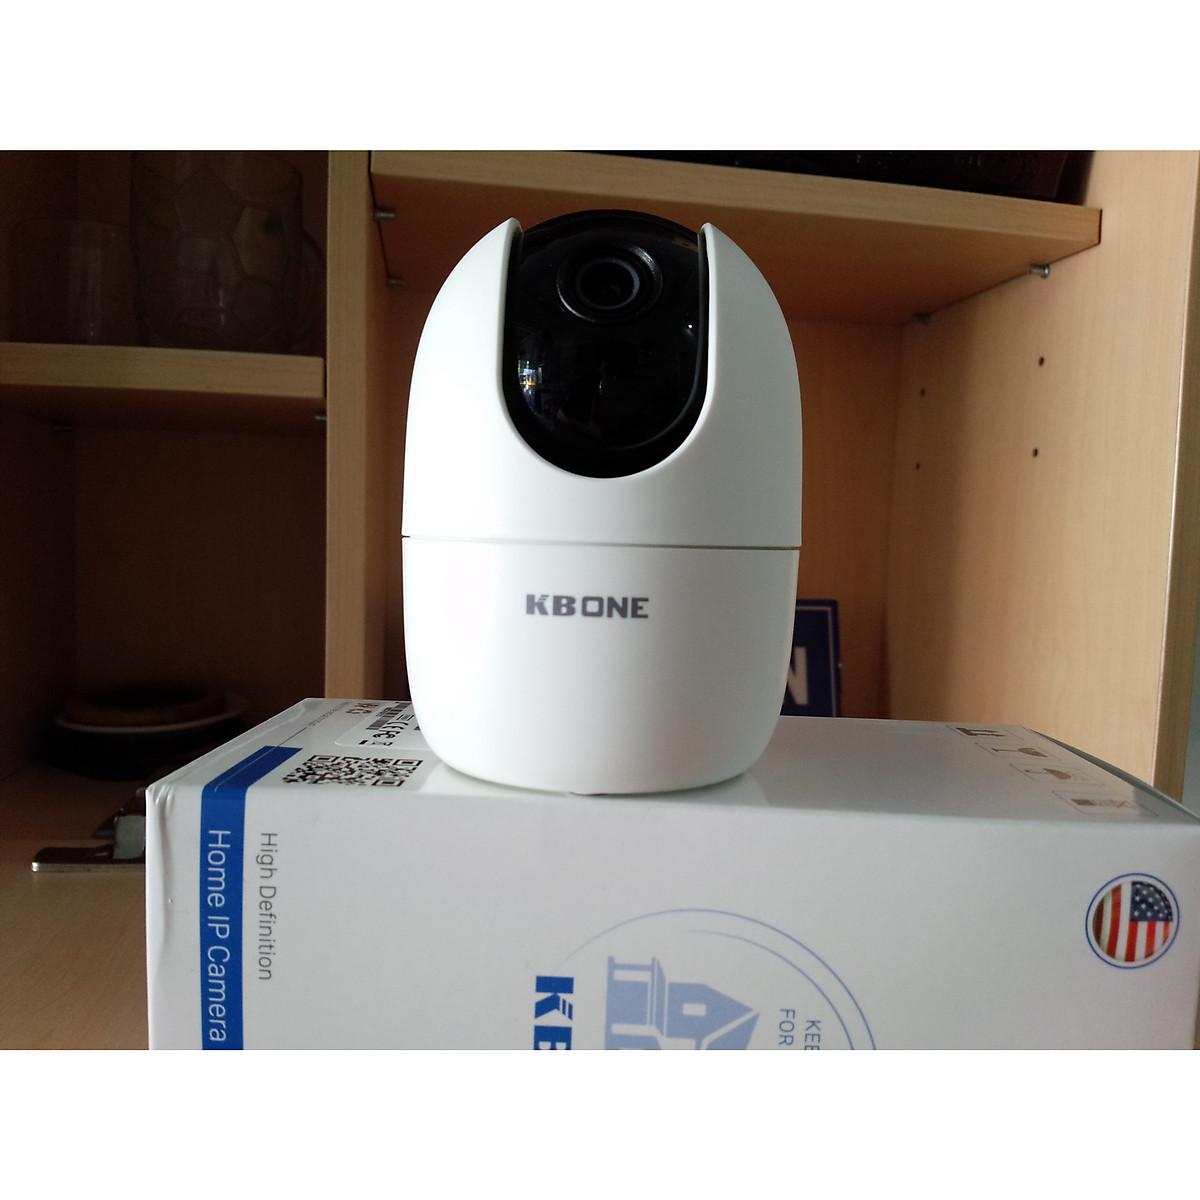 Camera IP wifi KBVISION trong nhà – xoay 360 độ – nghe nói 2 chiều KBONE H21PW – Hàng chính hãng